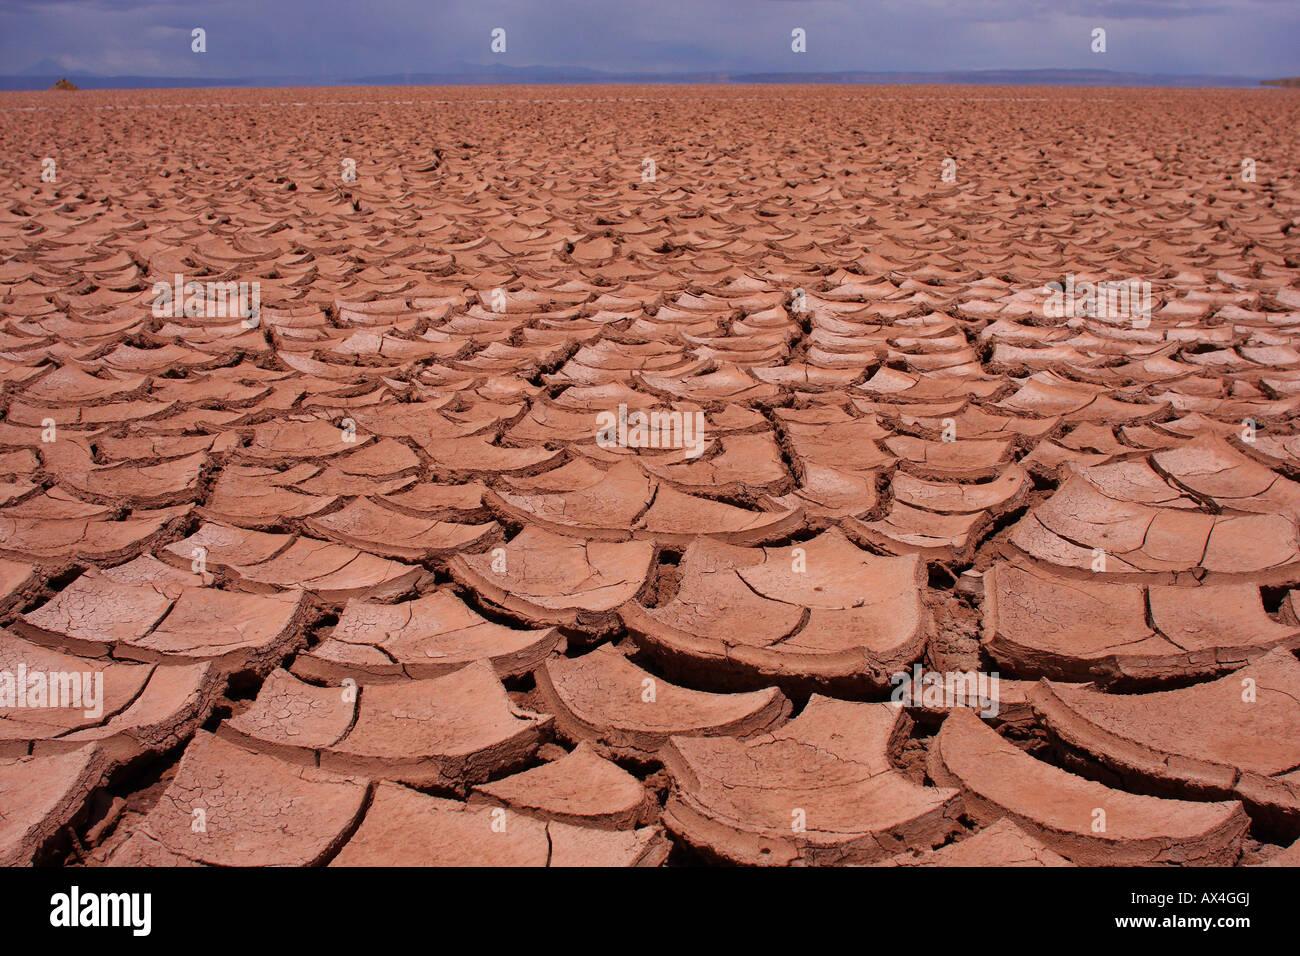 Una enorme extensión de agrietado, seco, el barro y el suelo en el altiplano de Bolivia. Imagen De Stock